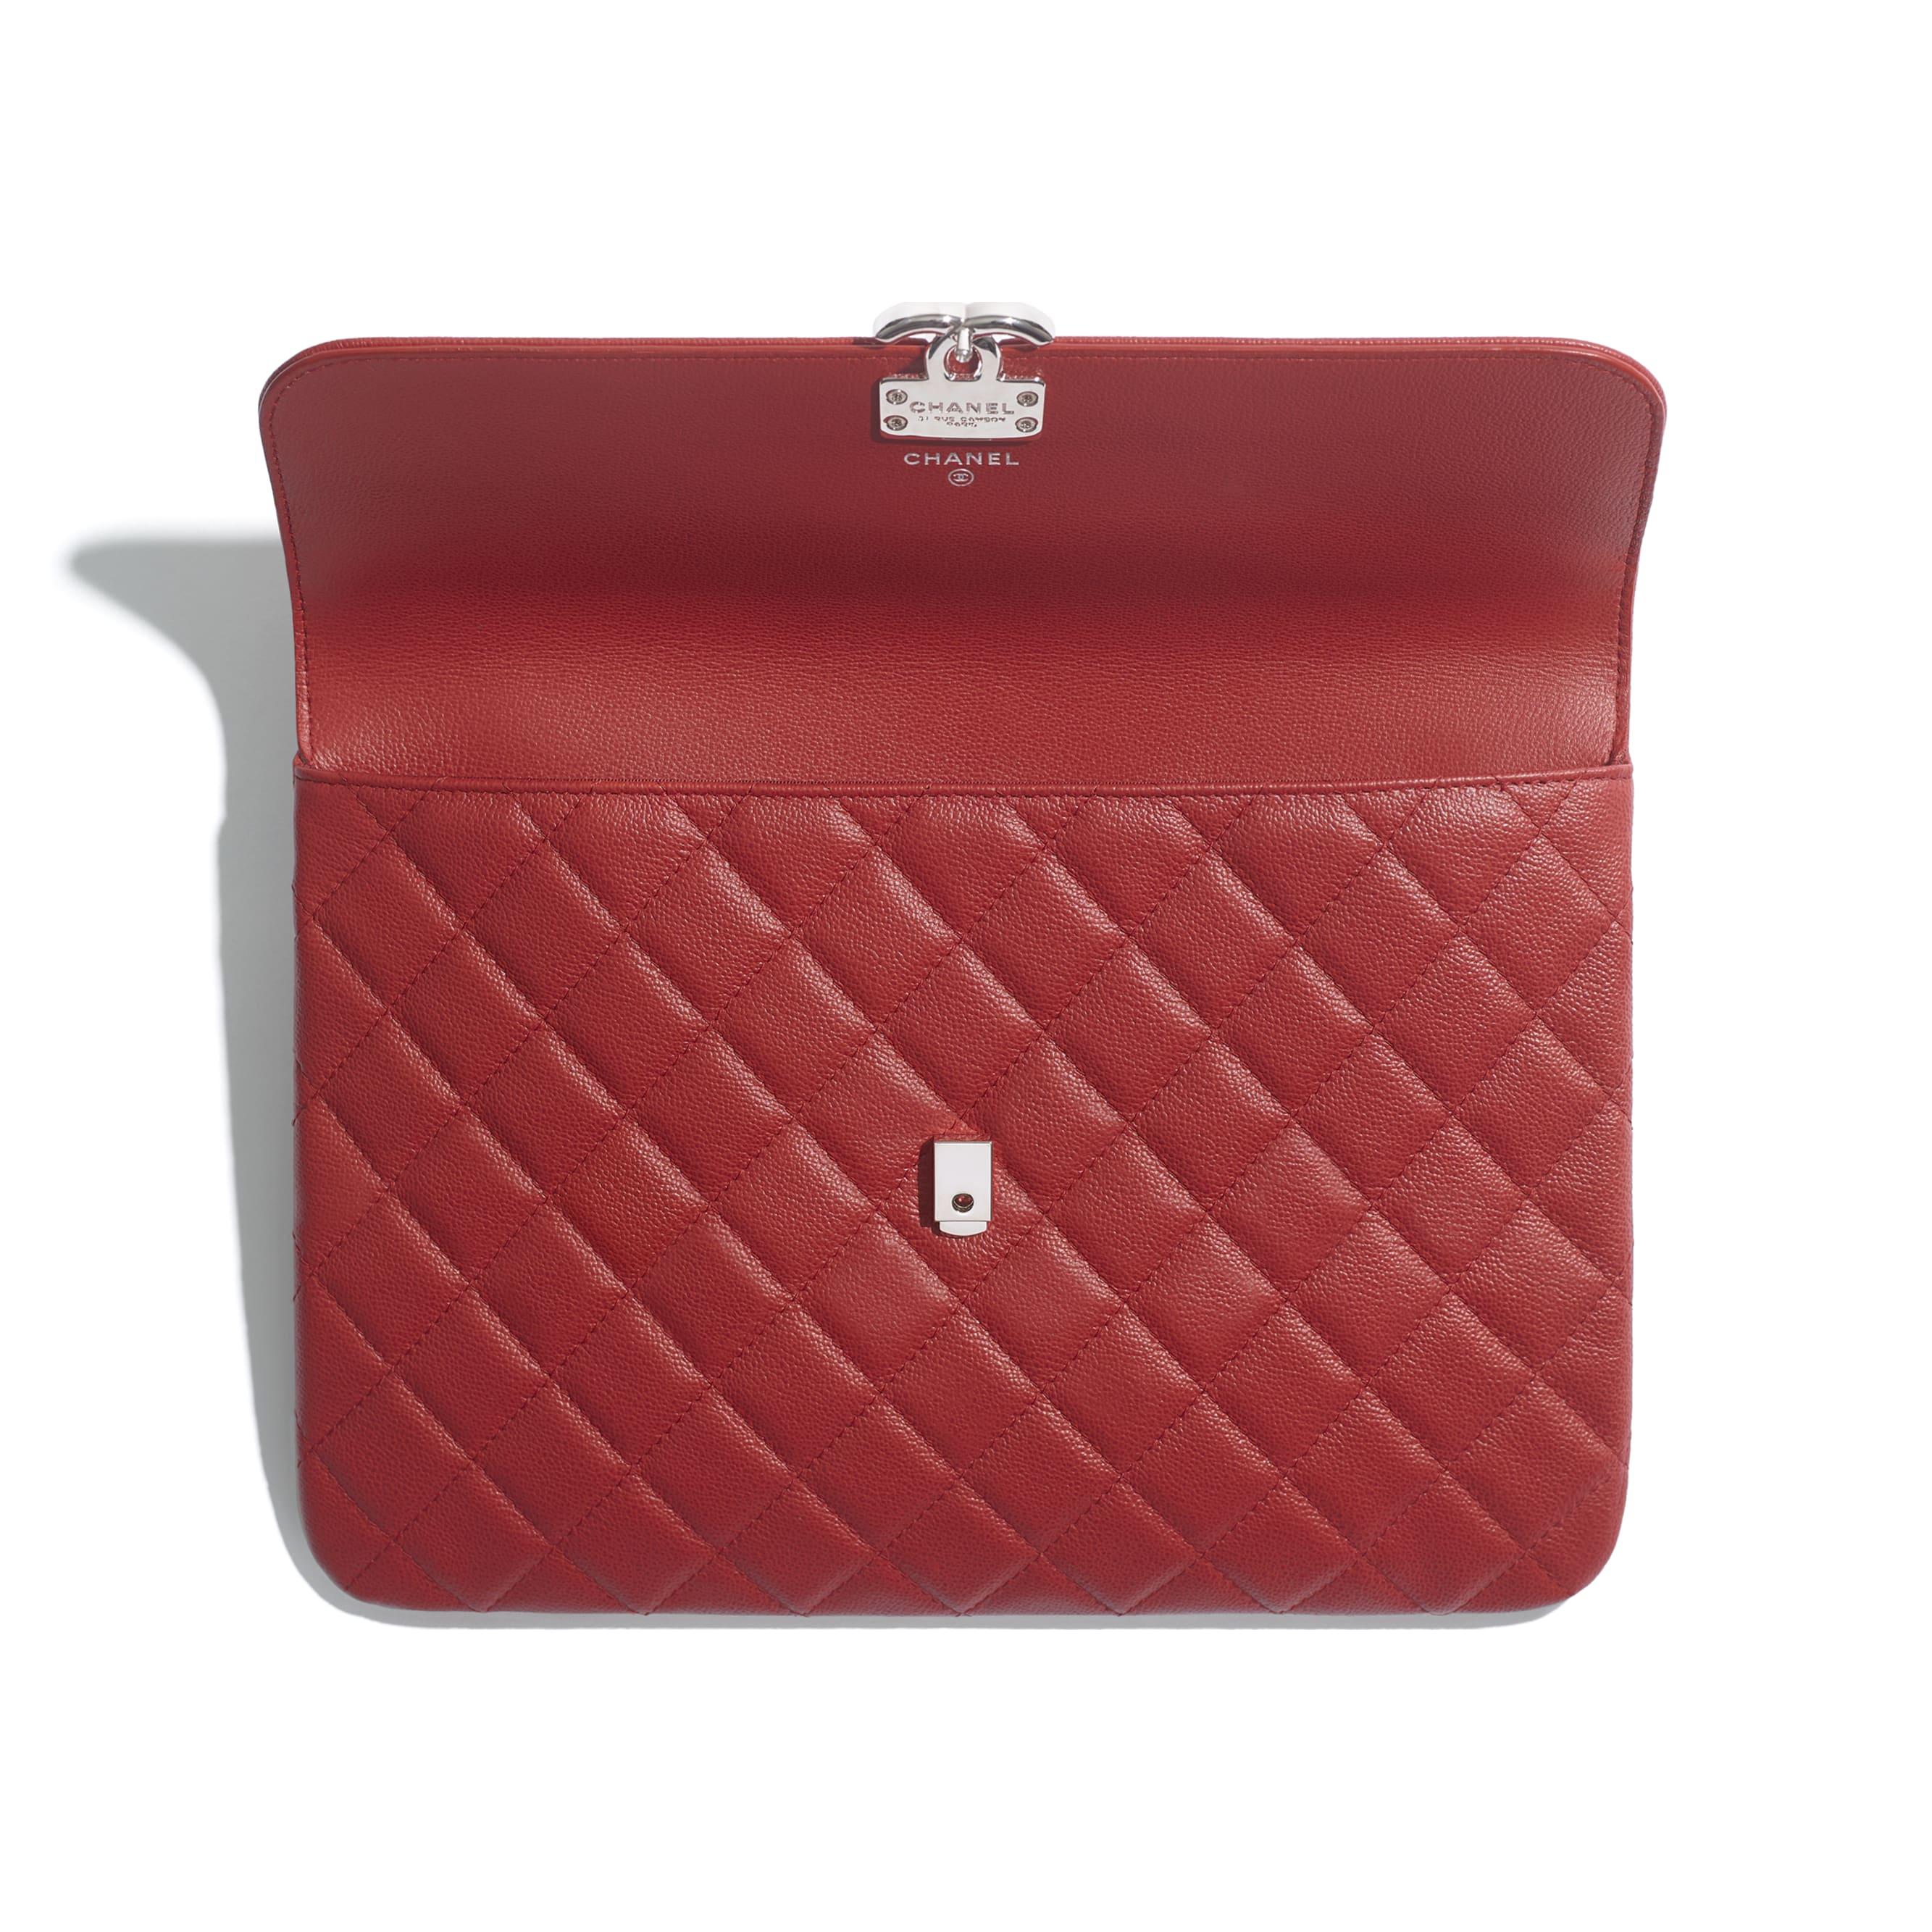 Чехол - Красный - Зернистая кожа теленка и металл - Другое изображение - посмотреть изображение стандартного размера